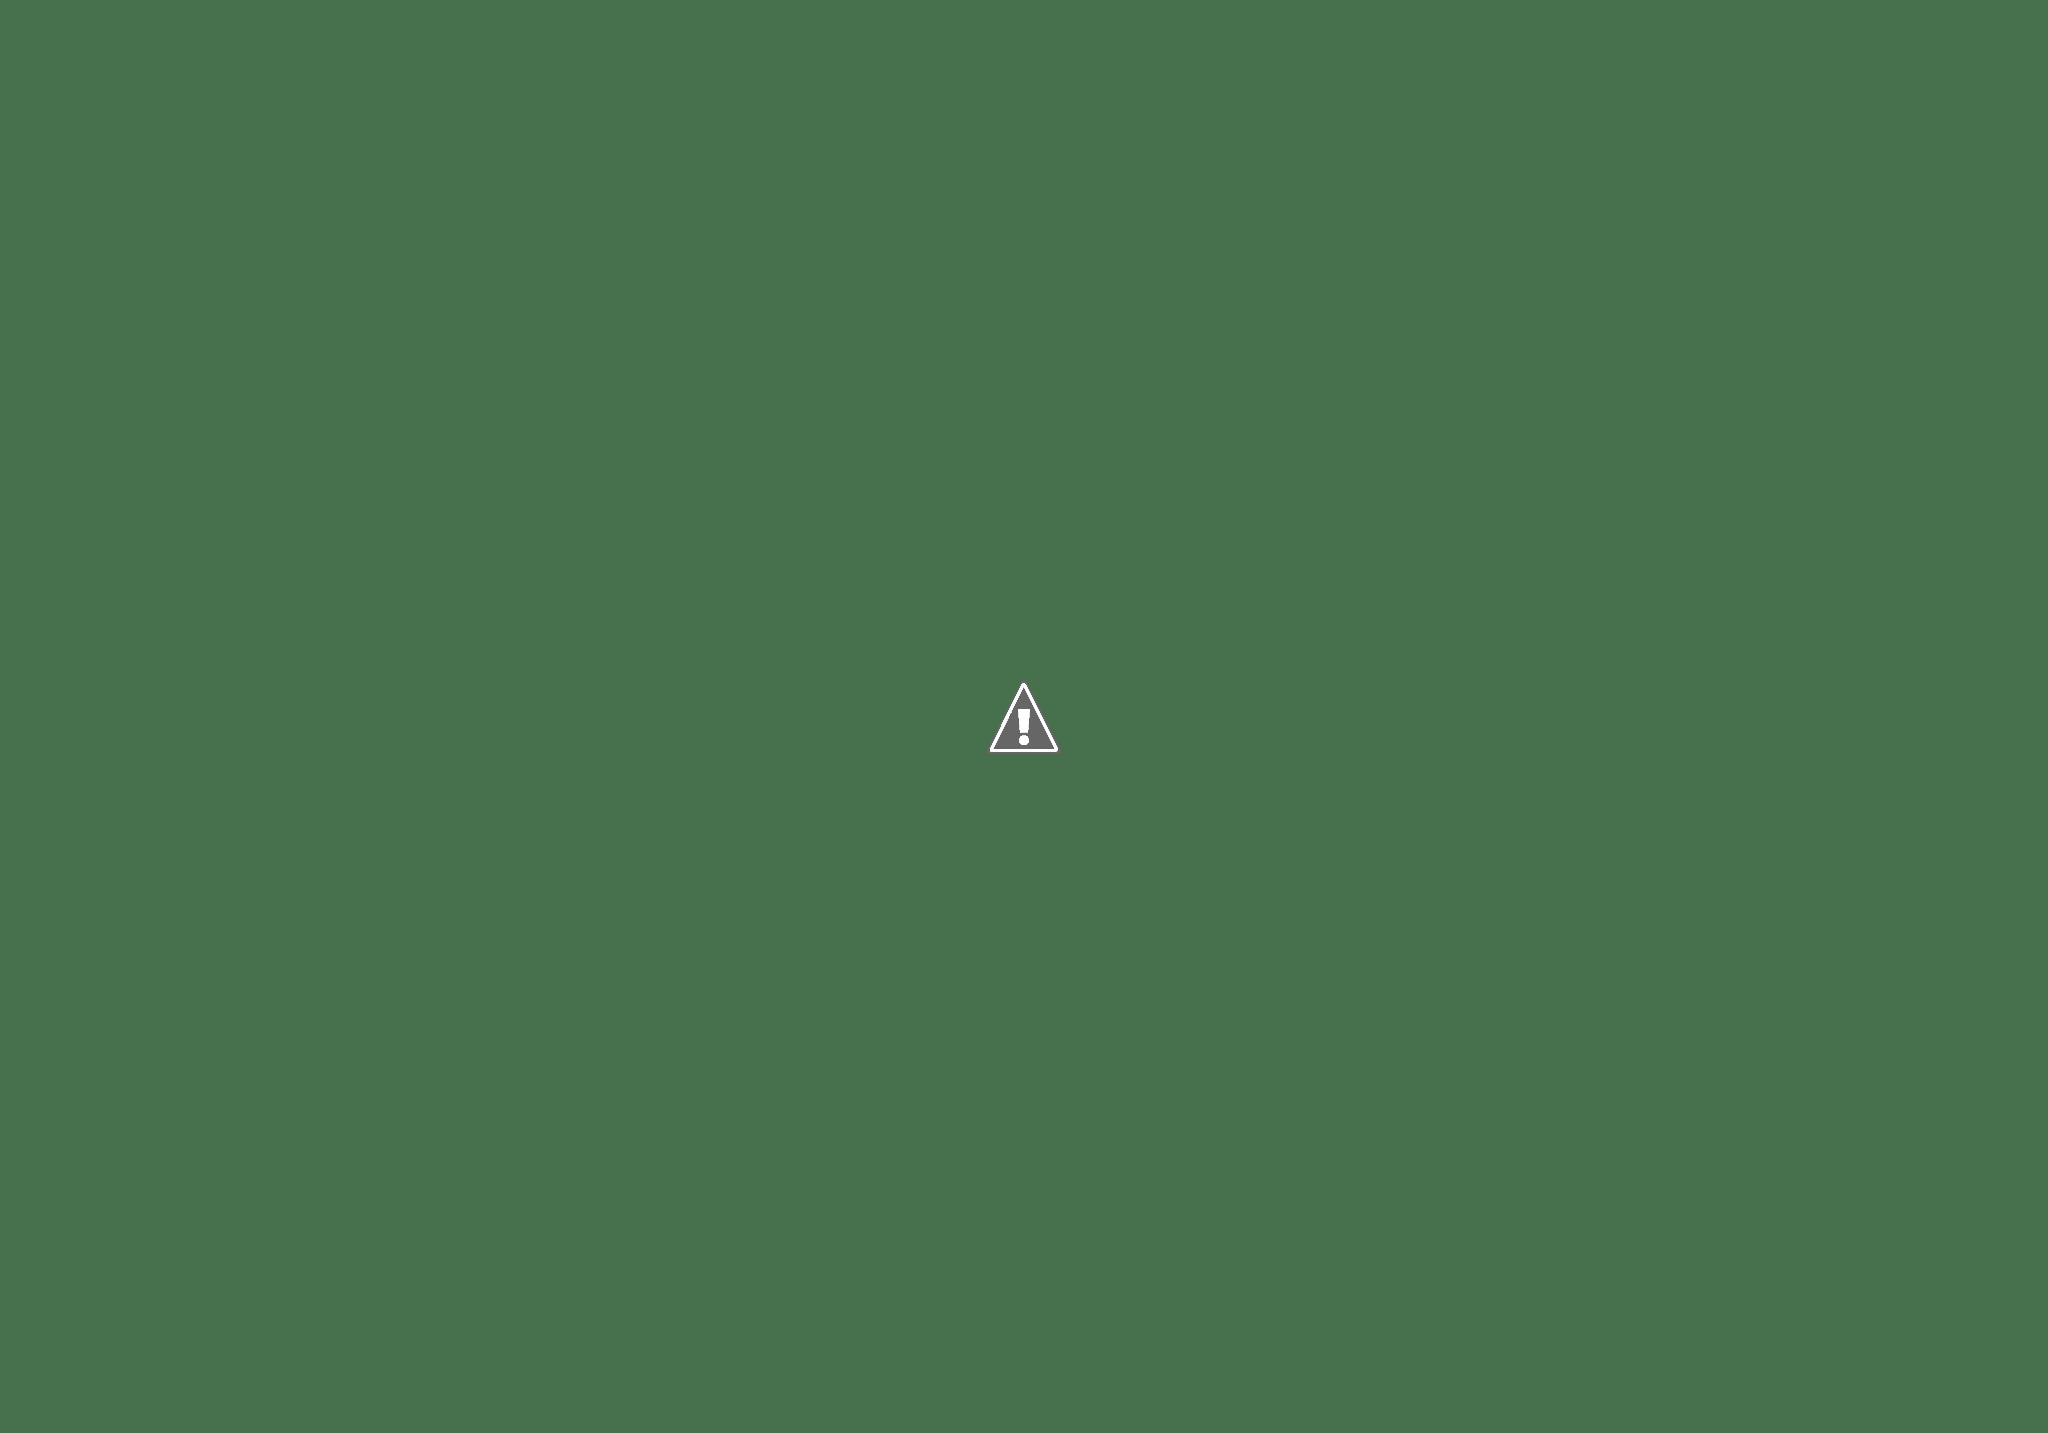 Photo: Karte Spazieren in Blaichach ost - Aufnahmeorte der Bilder: https://picasaweb.google.com/lh/albumMap?uname=109410355874555640094&aid=6147544552301139361#map